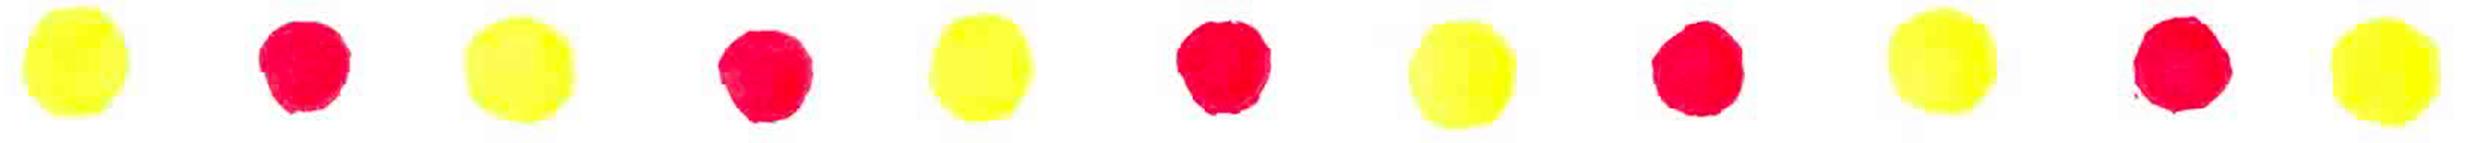 「キラキラ ライン素材」の画像検索結果